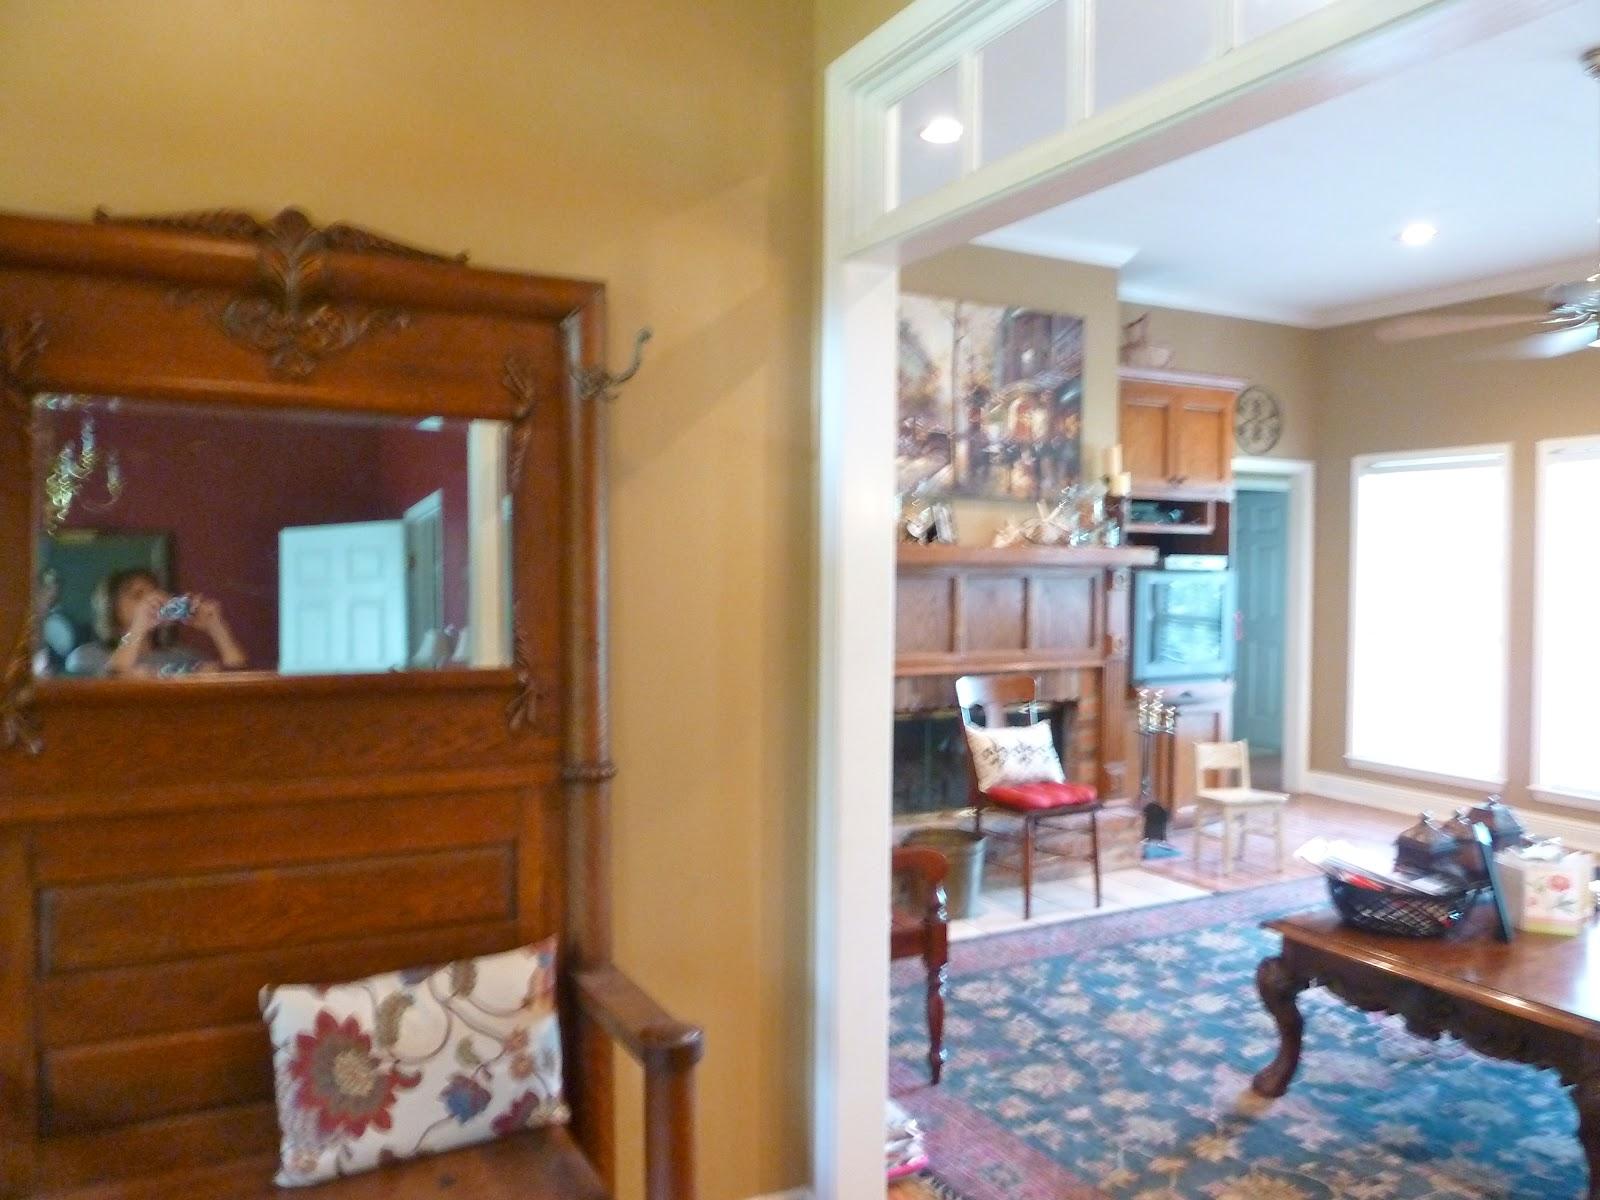 beaucoup joie de vivre a foyer tour. Black Bedroom Furniture Sets. Home Design Ideas